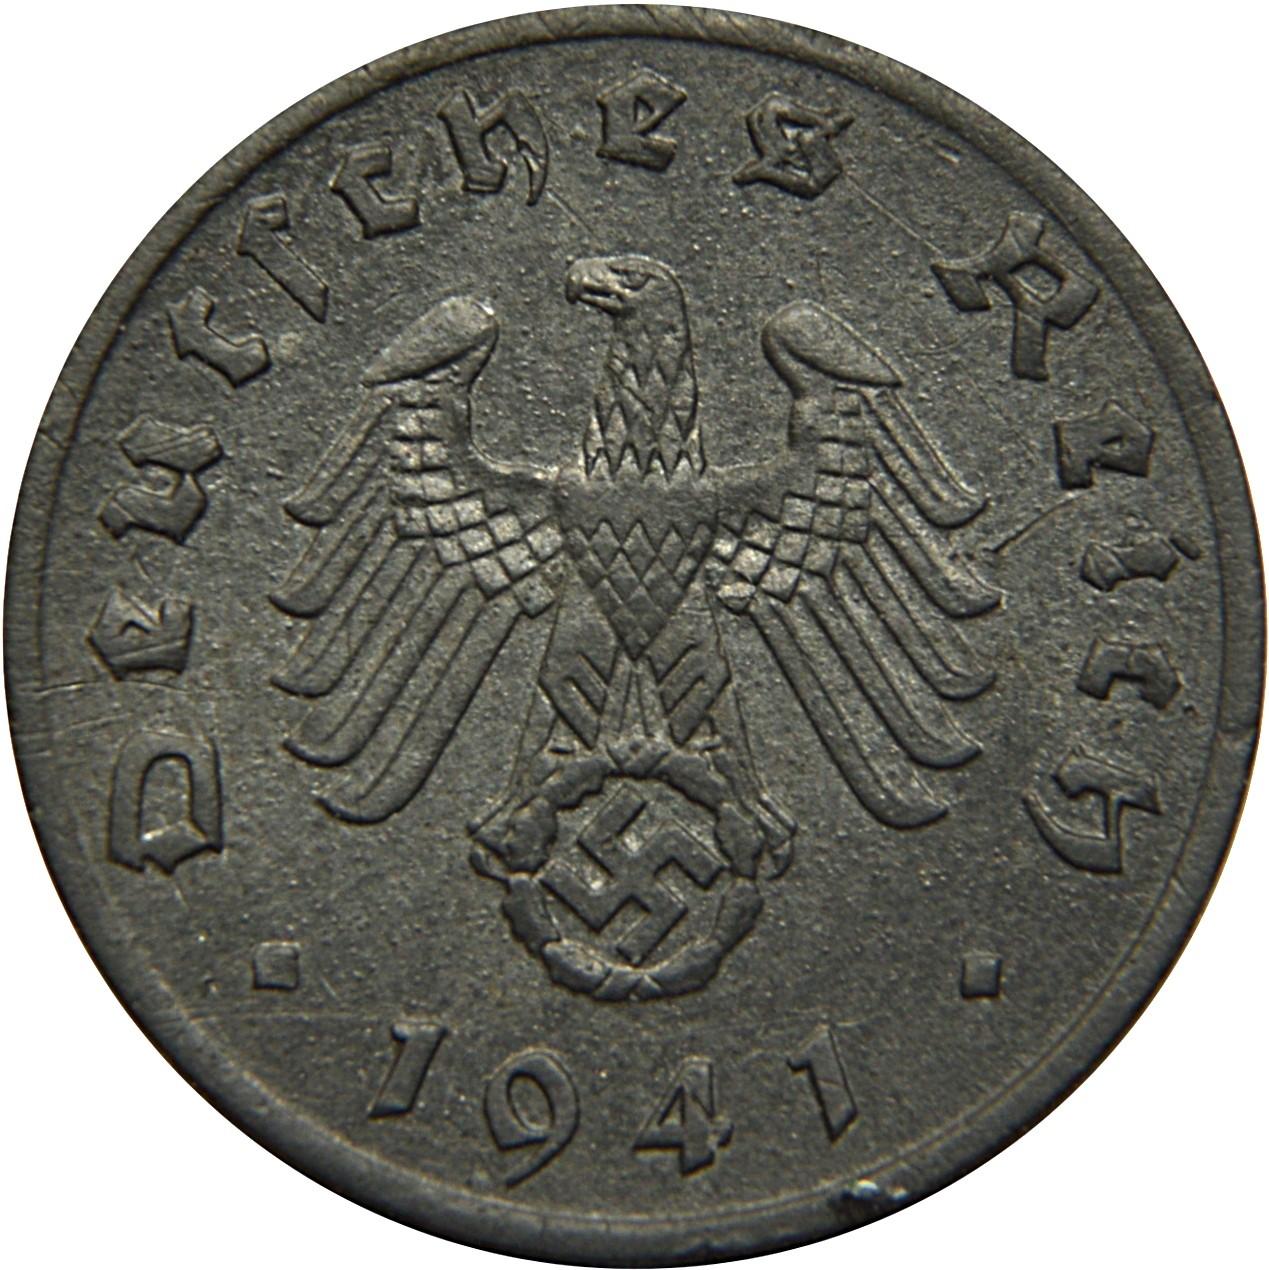 Germany 1 Reichspfennig (1940-1945)